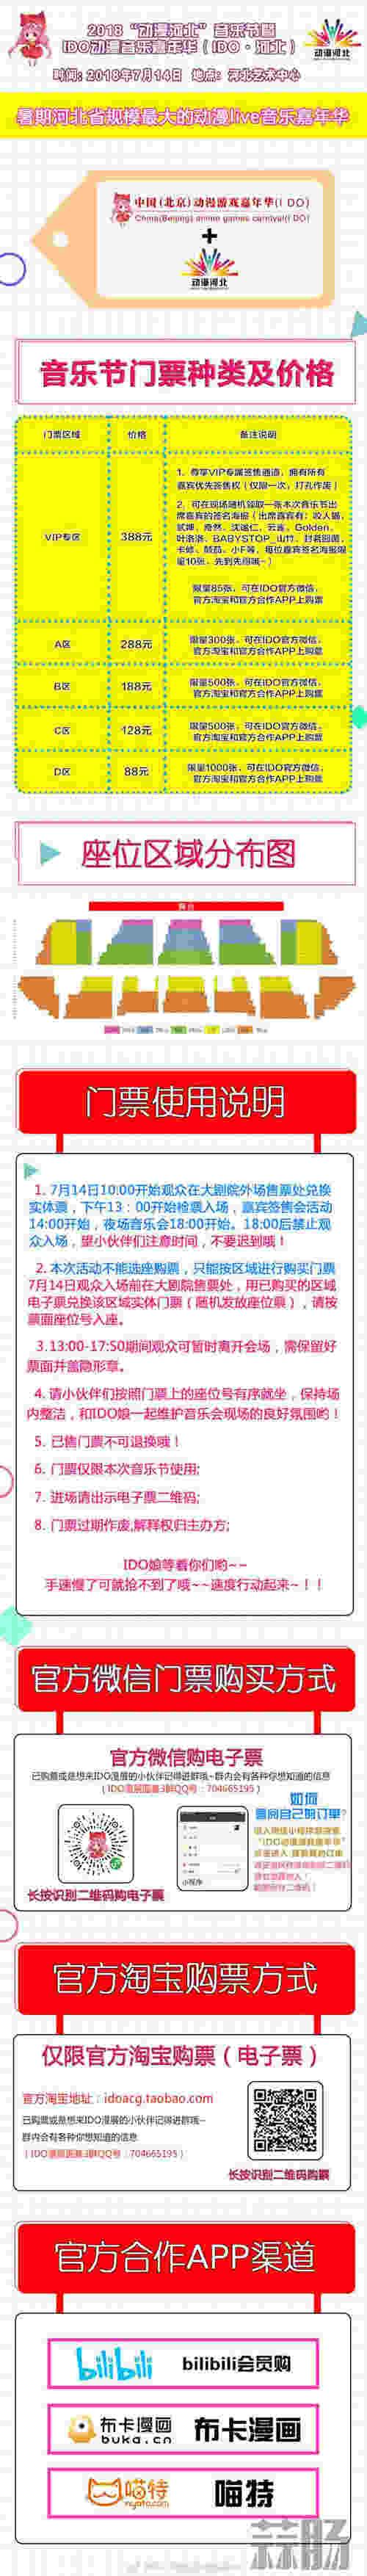 【河北·IDO Live音乐节】暑期河北规模最大二次元狂欢音乐盛宴!最让你心动的嘉宾都在这里哟! 二次元 第7张